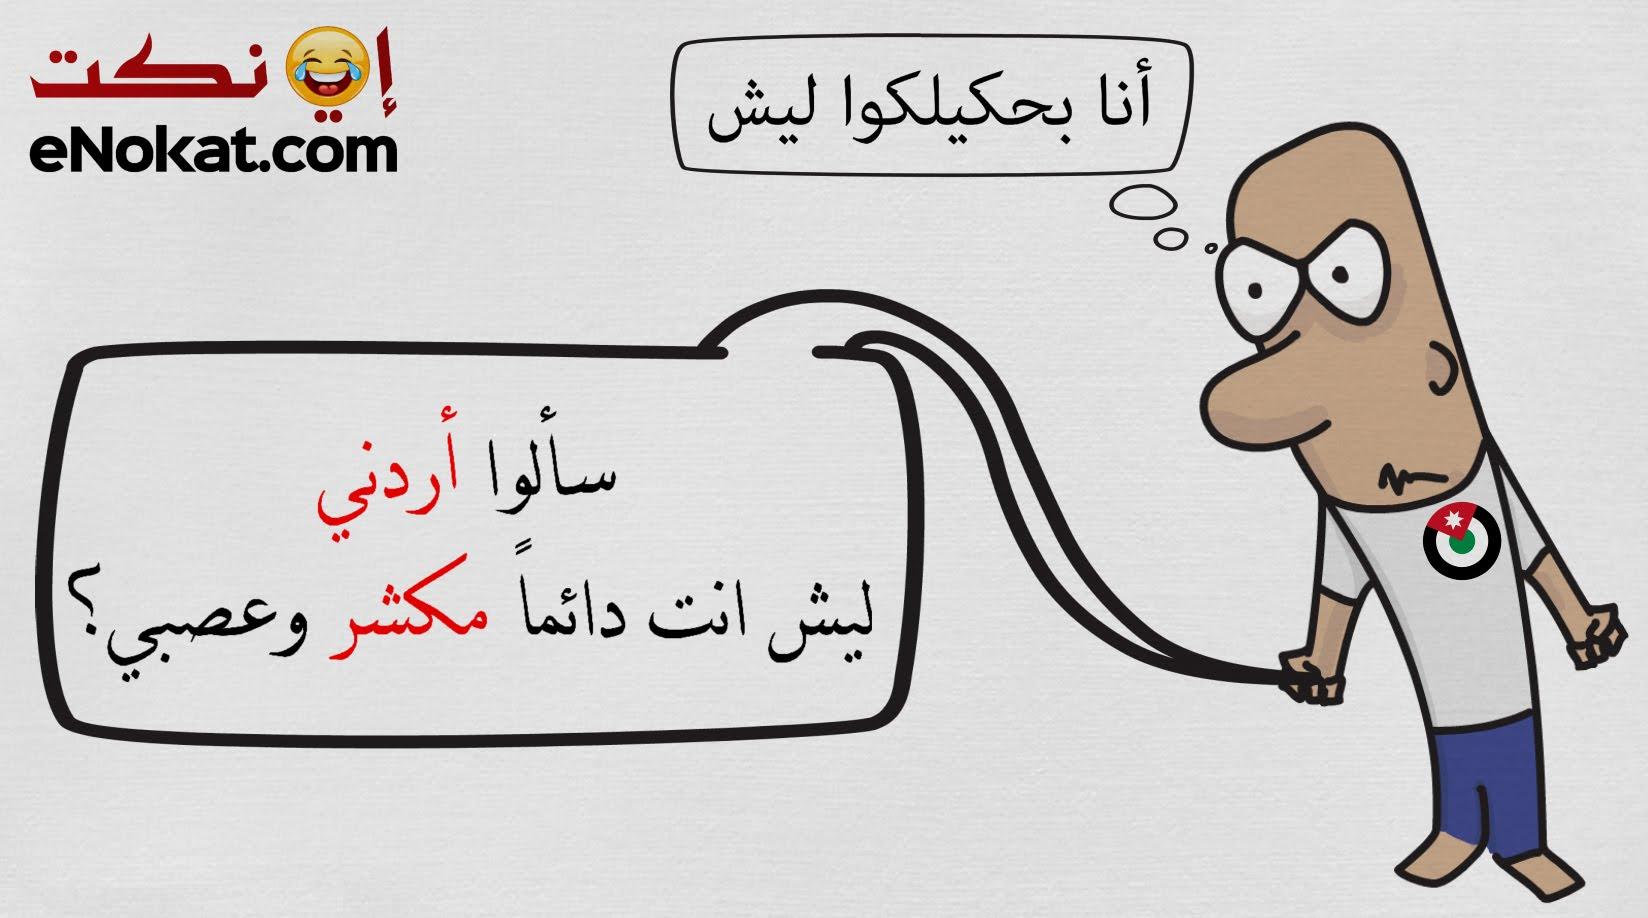 اجدد نكت اردنية لهذا العام , نكت اردنية من الاخر , اضحك معنا وشوف الاردني لما يعصب